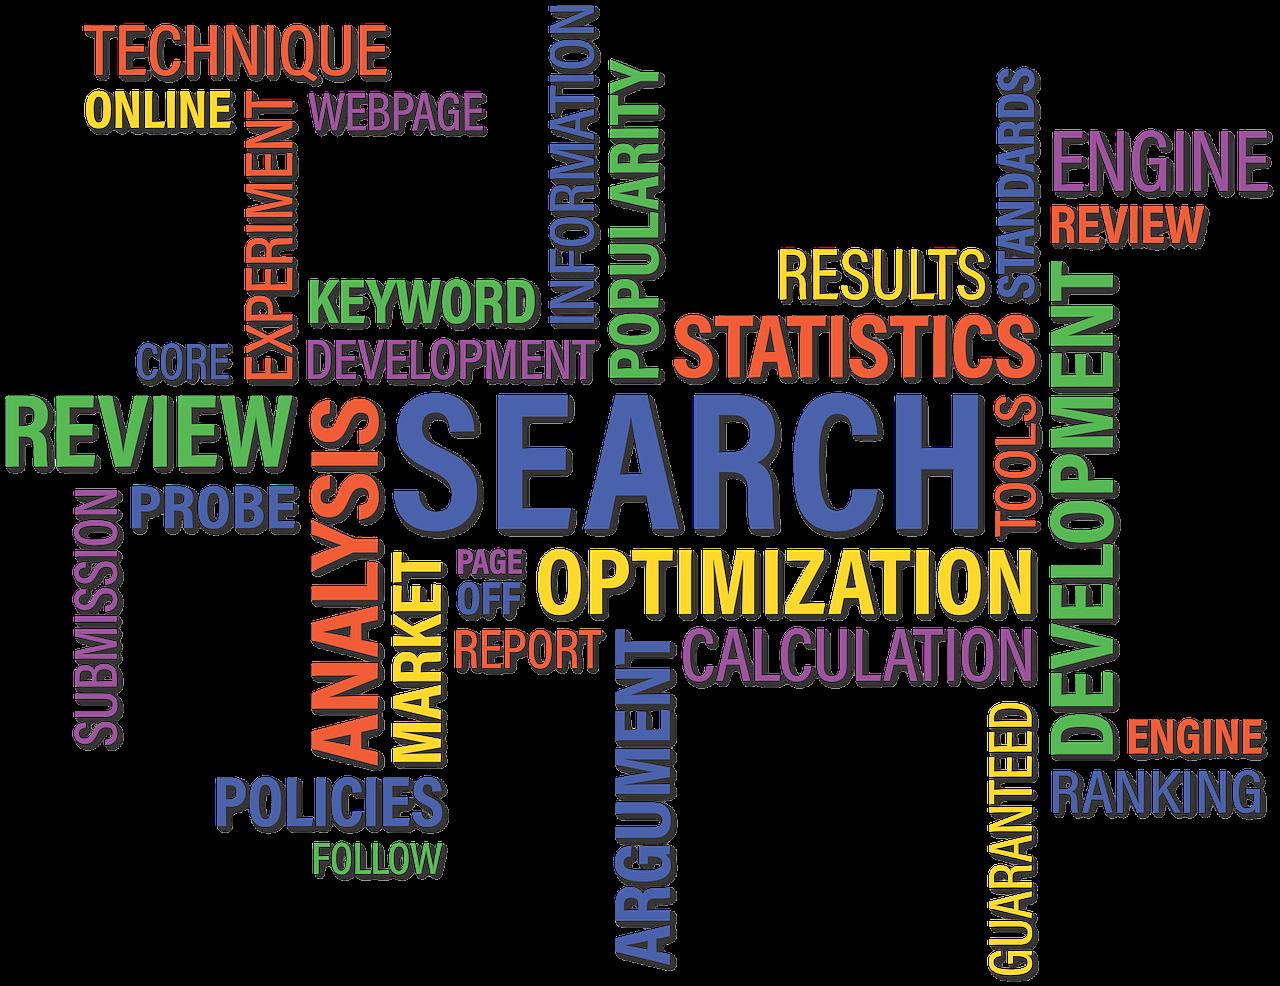 Jaka pozycja w wyszukiwarce jest godna uwagi? Zaprojektowanie strony internetowej – pozycjonowanie sklepów internetowych Białystok